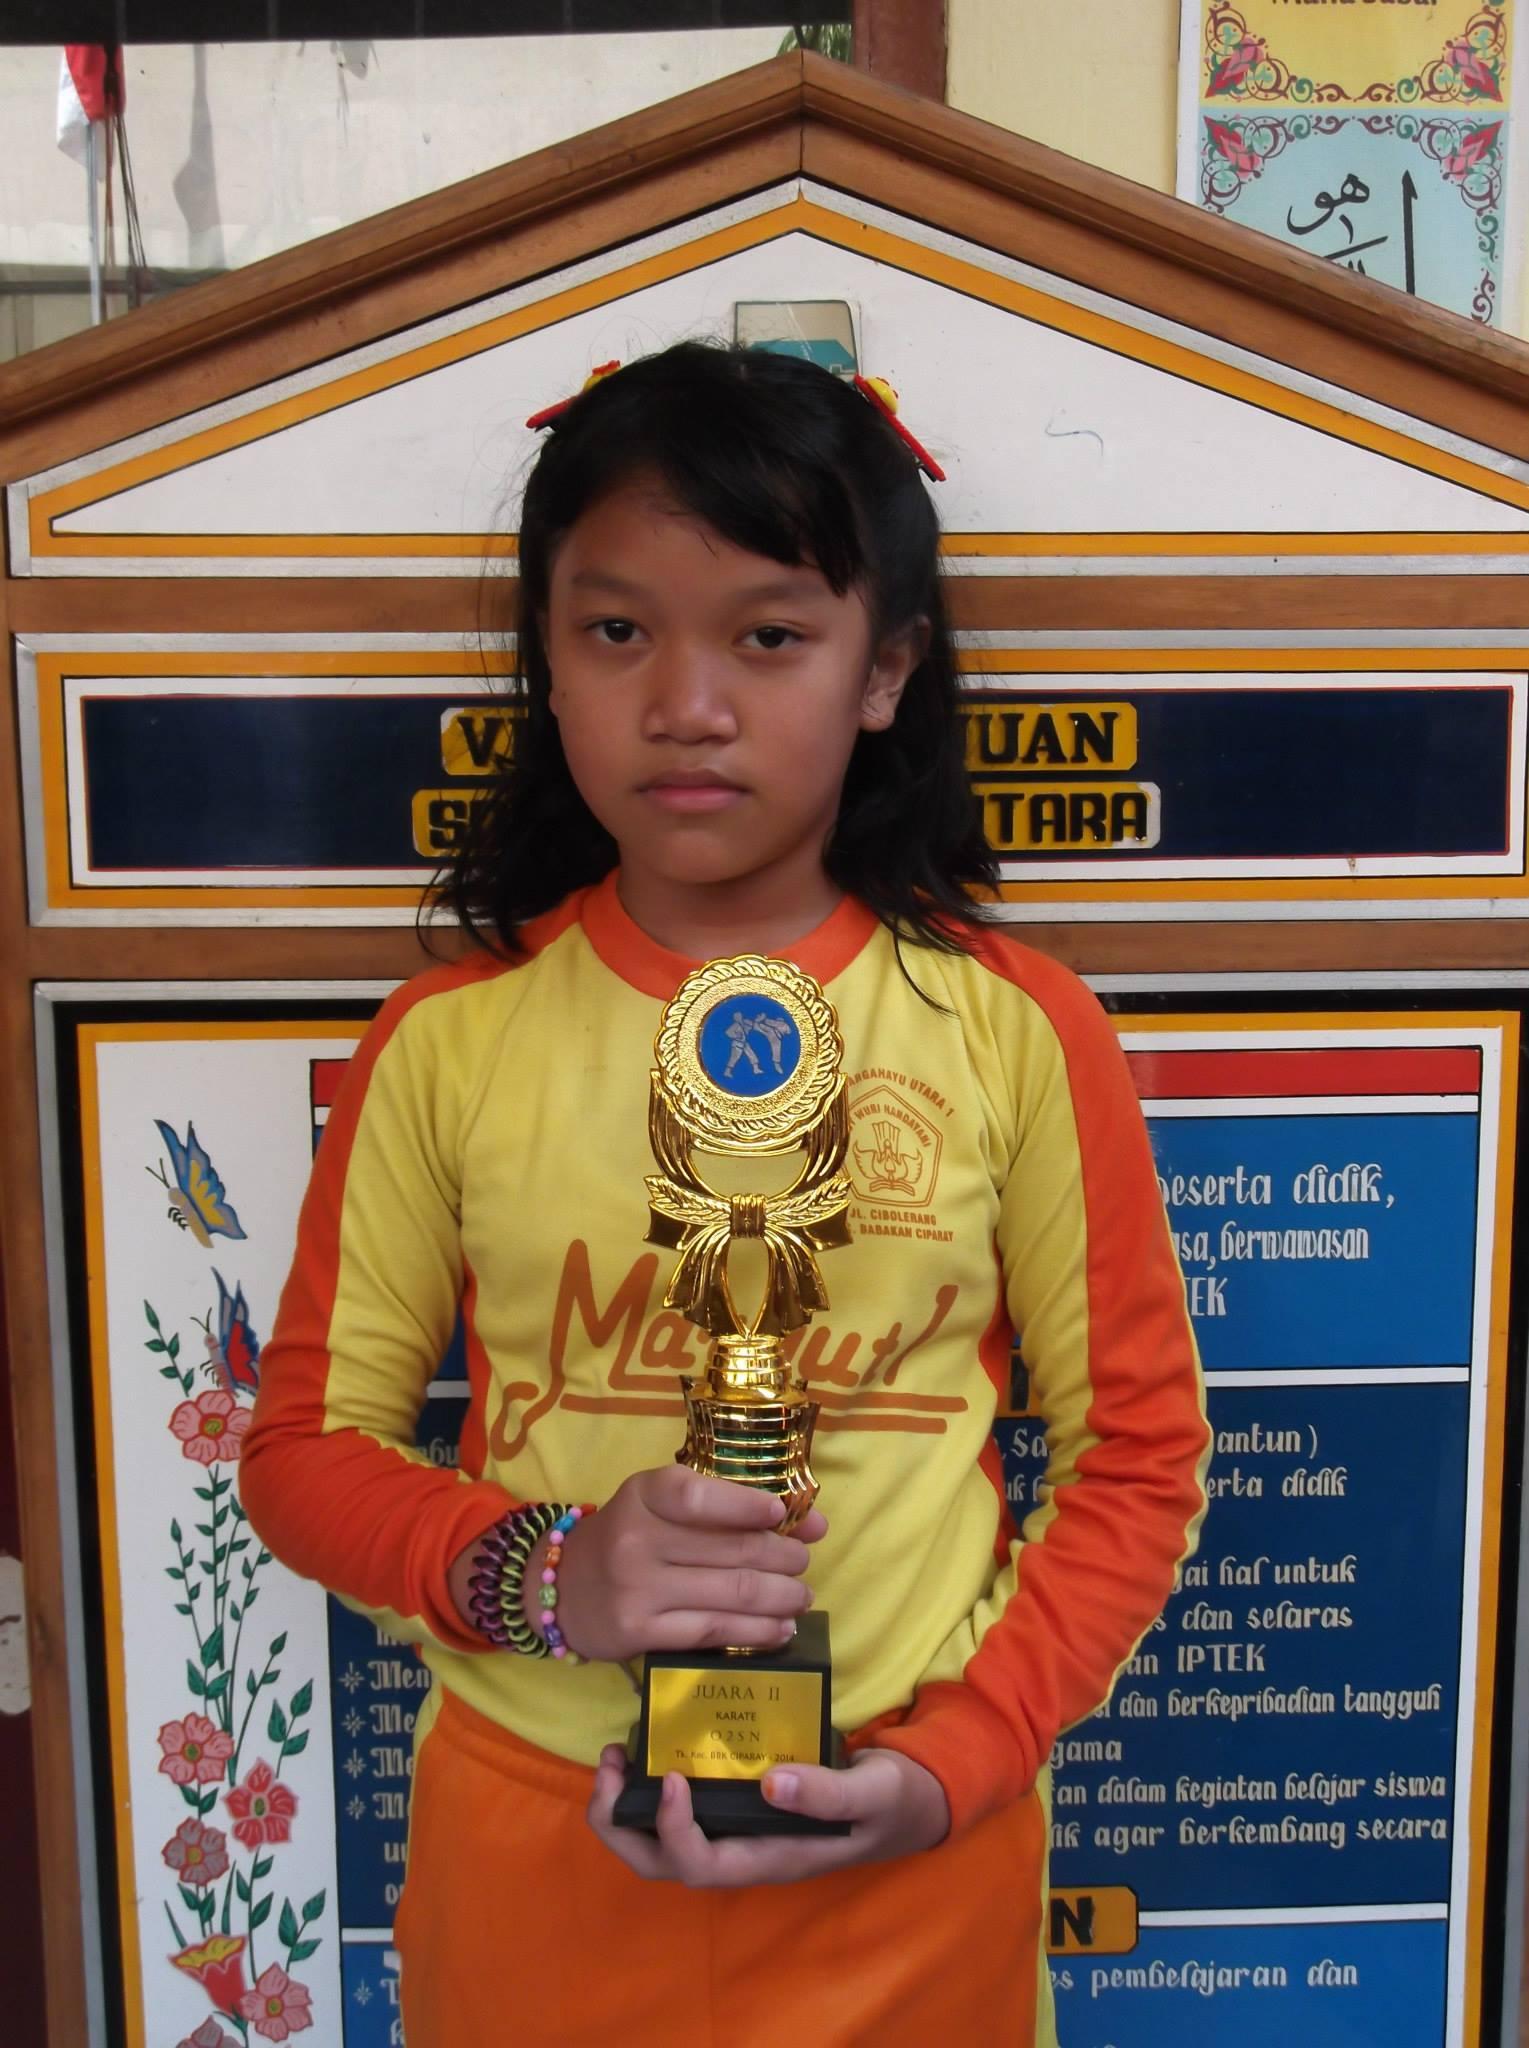 Keg. O2SN Tk. Kec. Bacip Ananda Juara 2 Karate Putri 2014